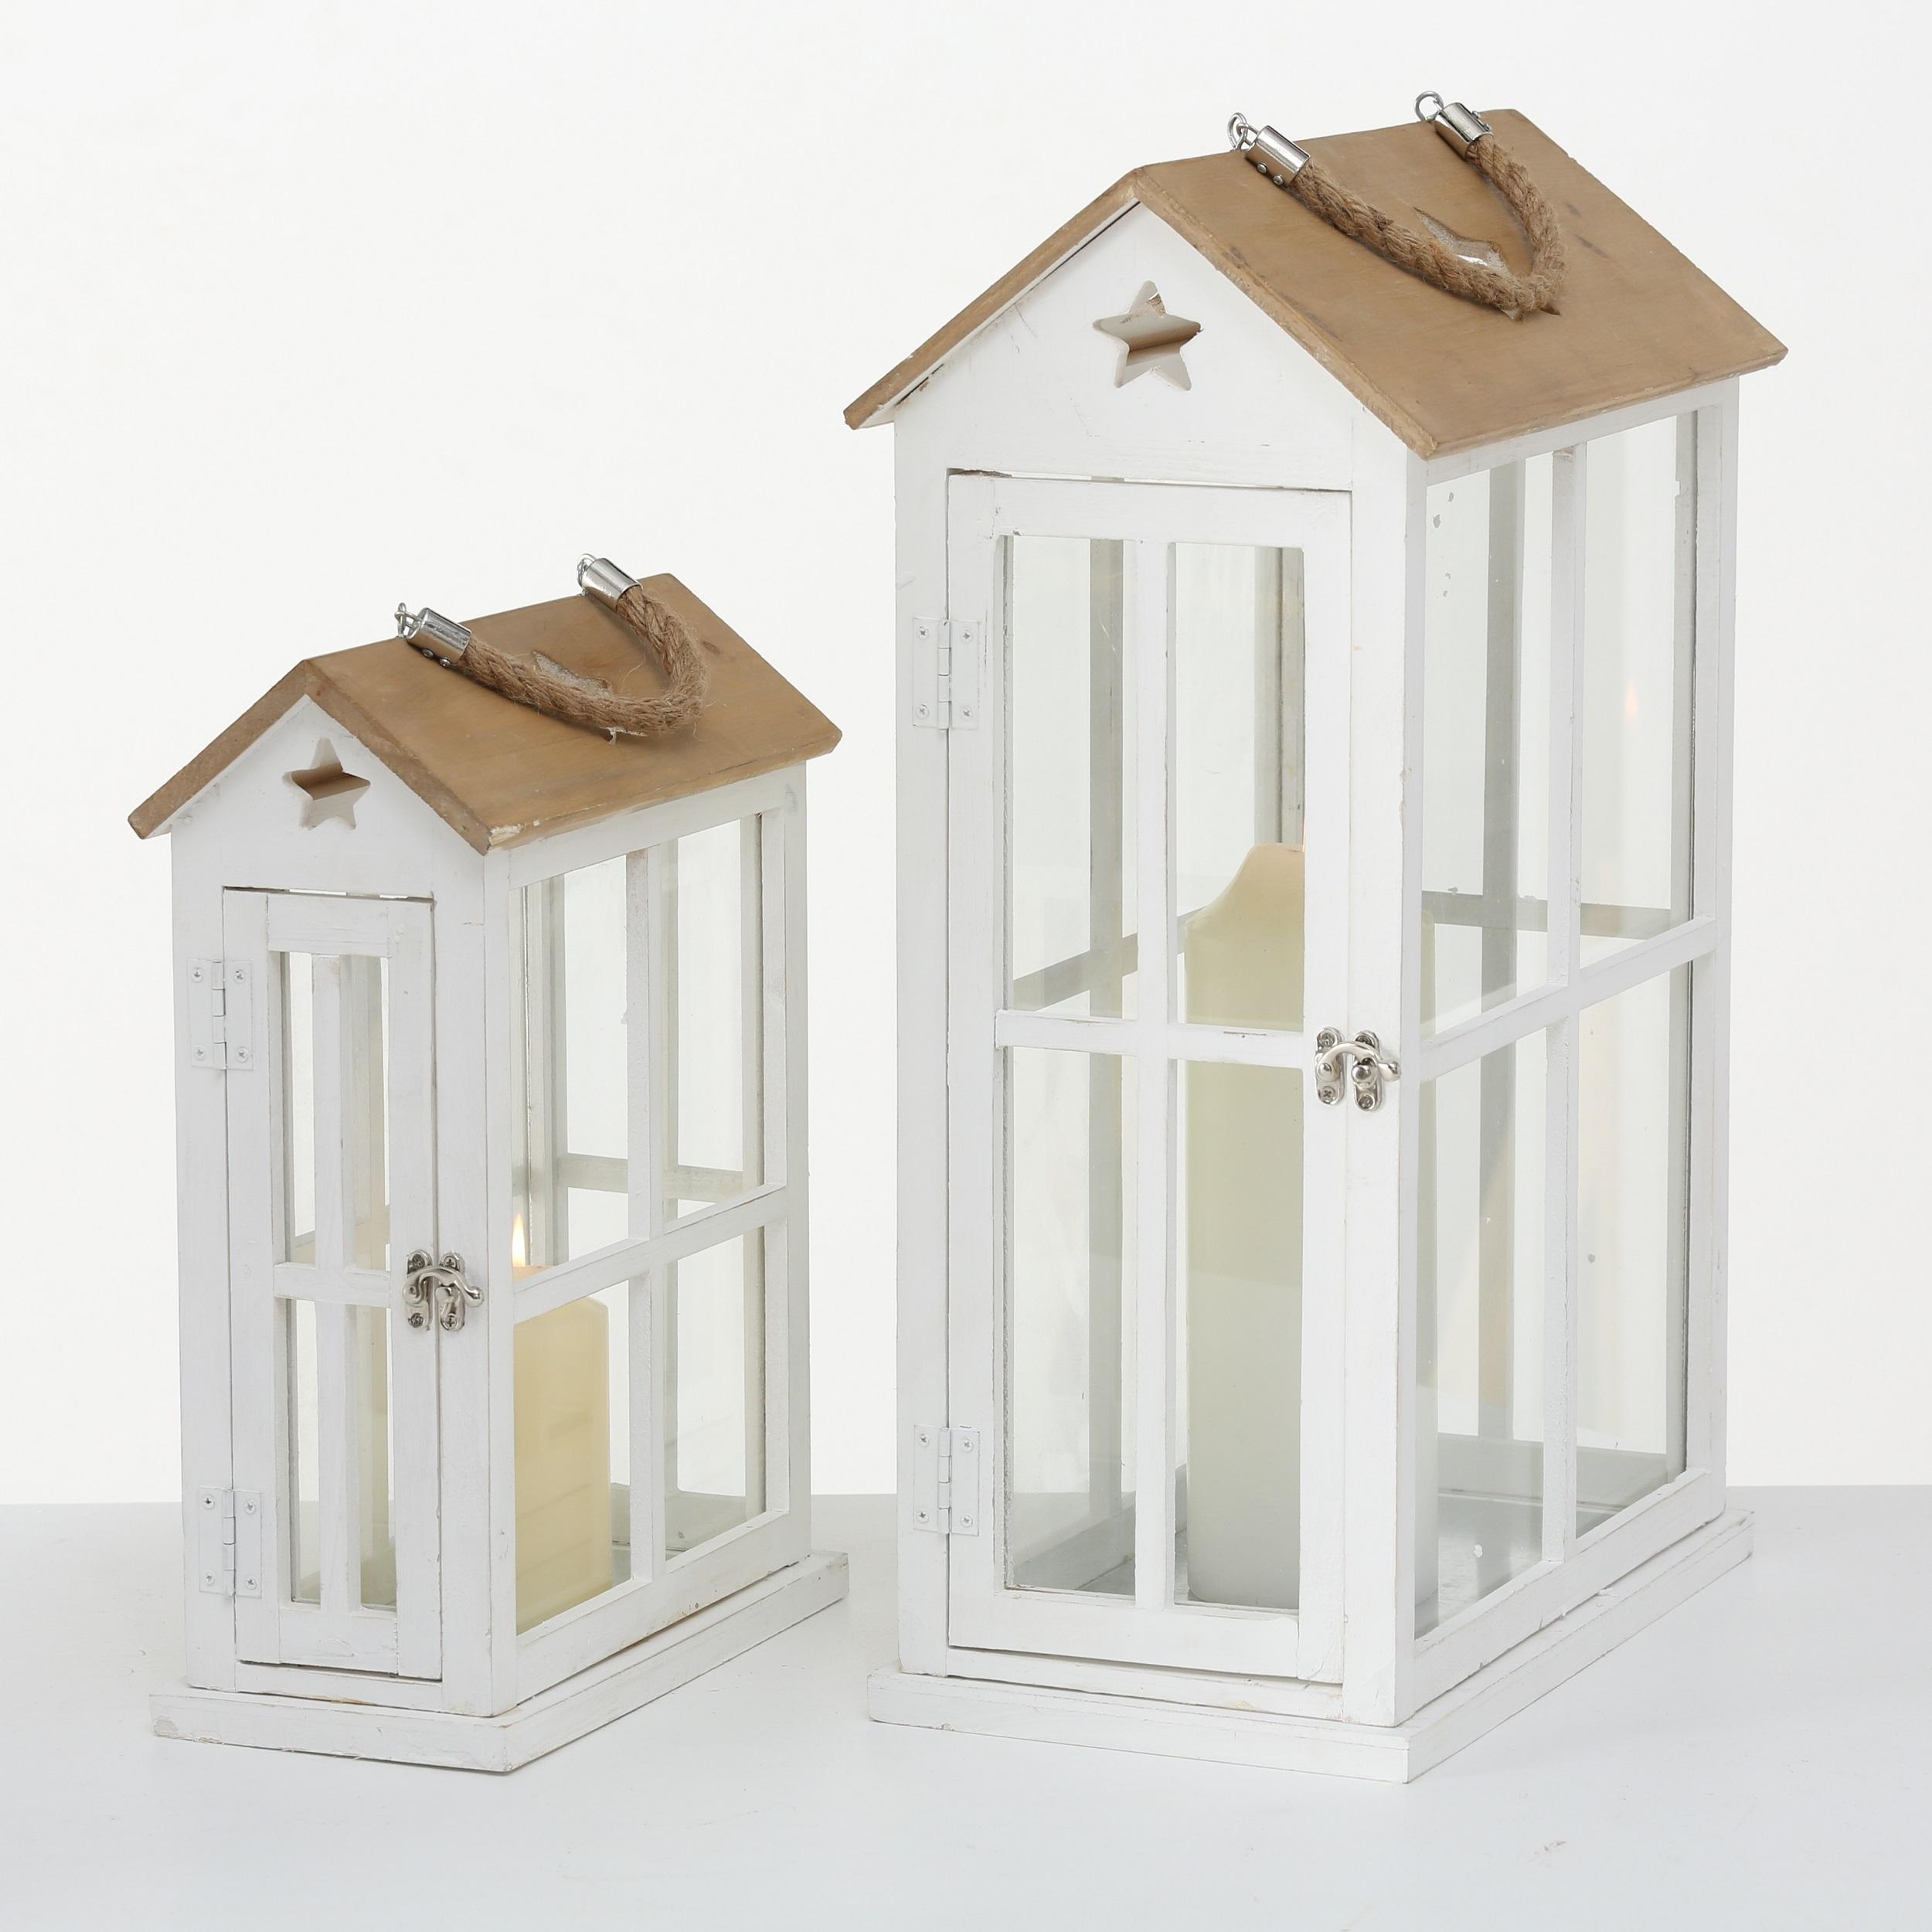 Set 2 felinare decorative din lemn Casa Alb / Natural, L21xl21xH55 cm / L14xl14xH38 cm imagine